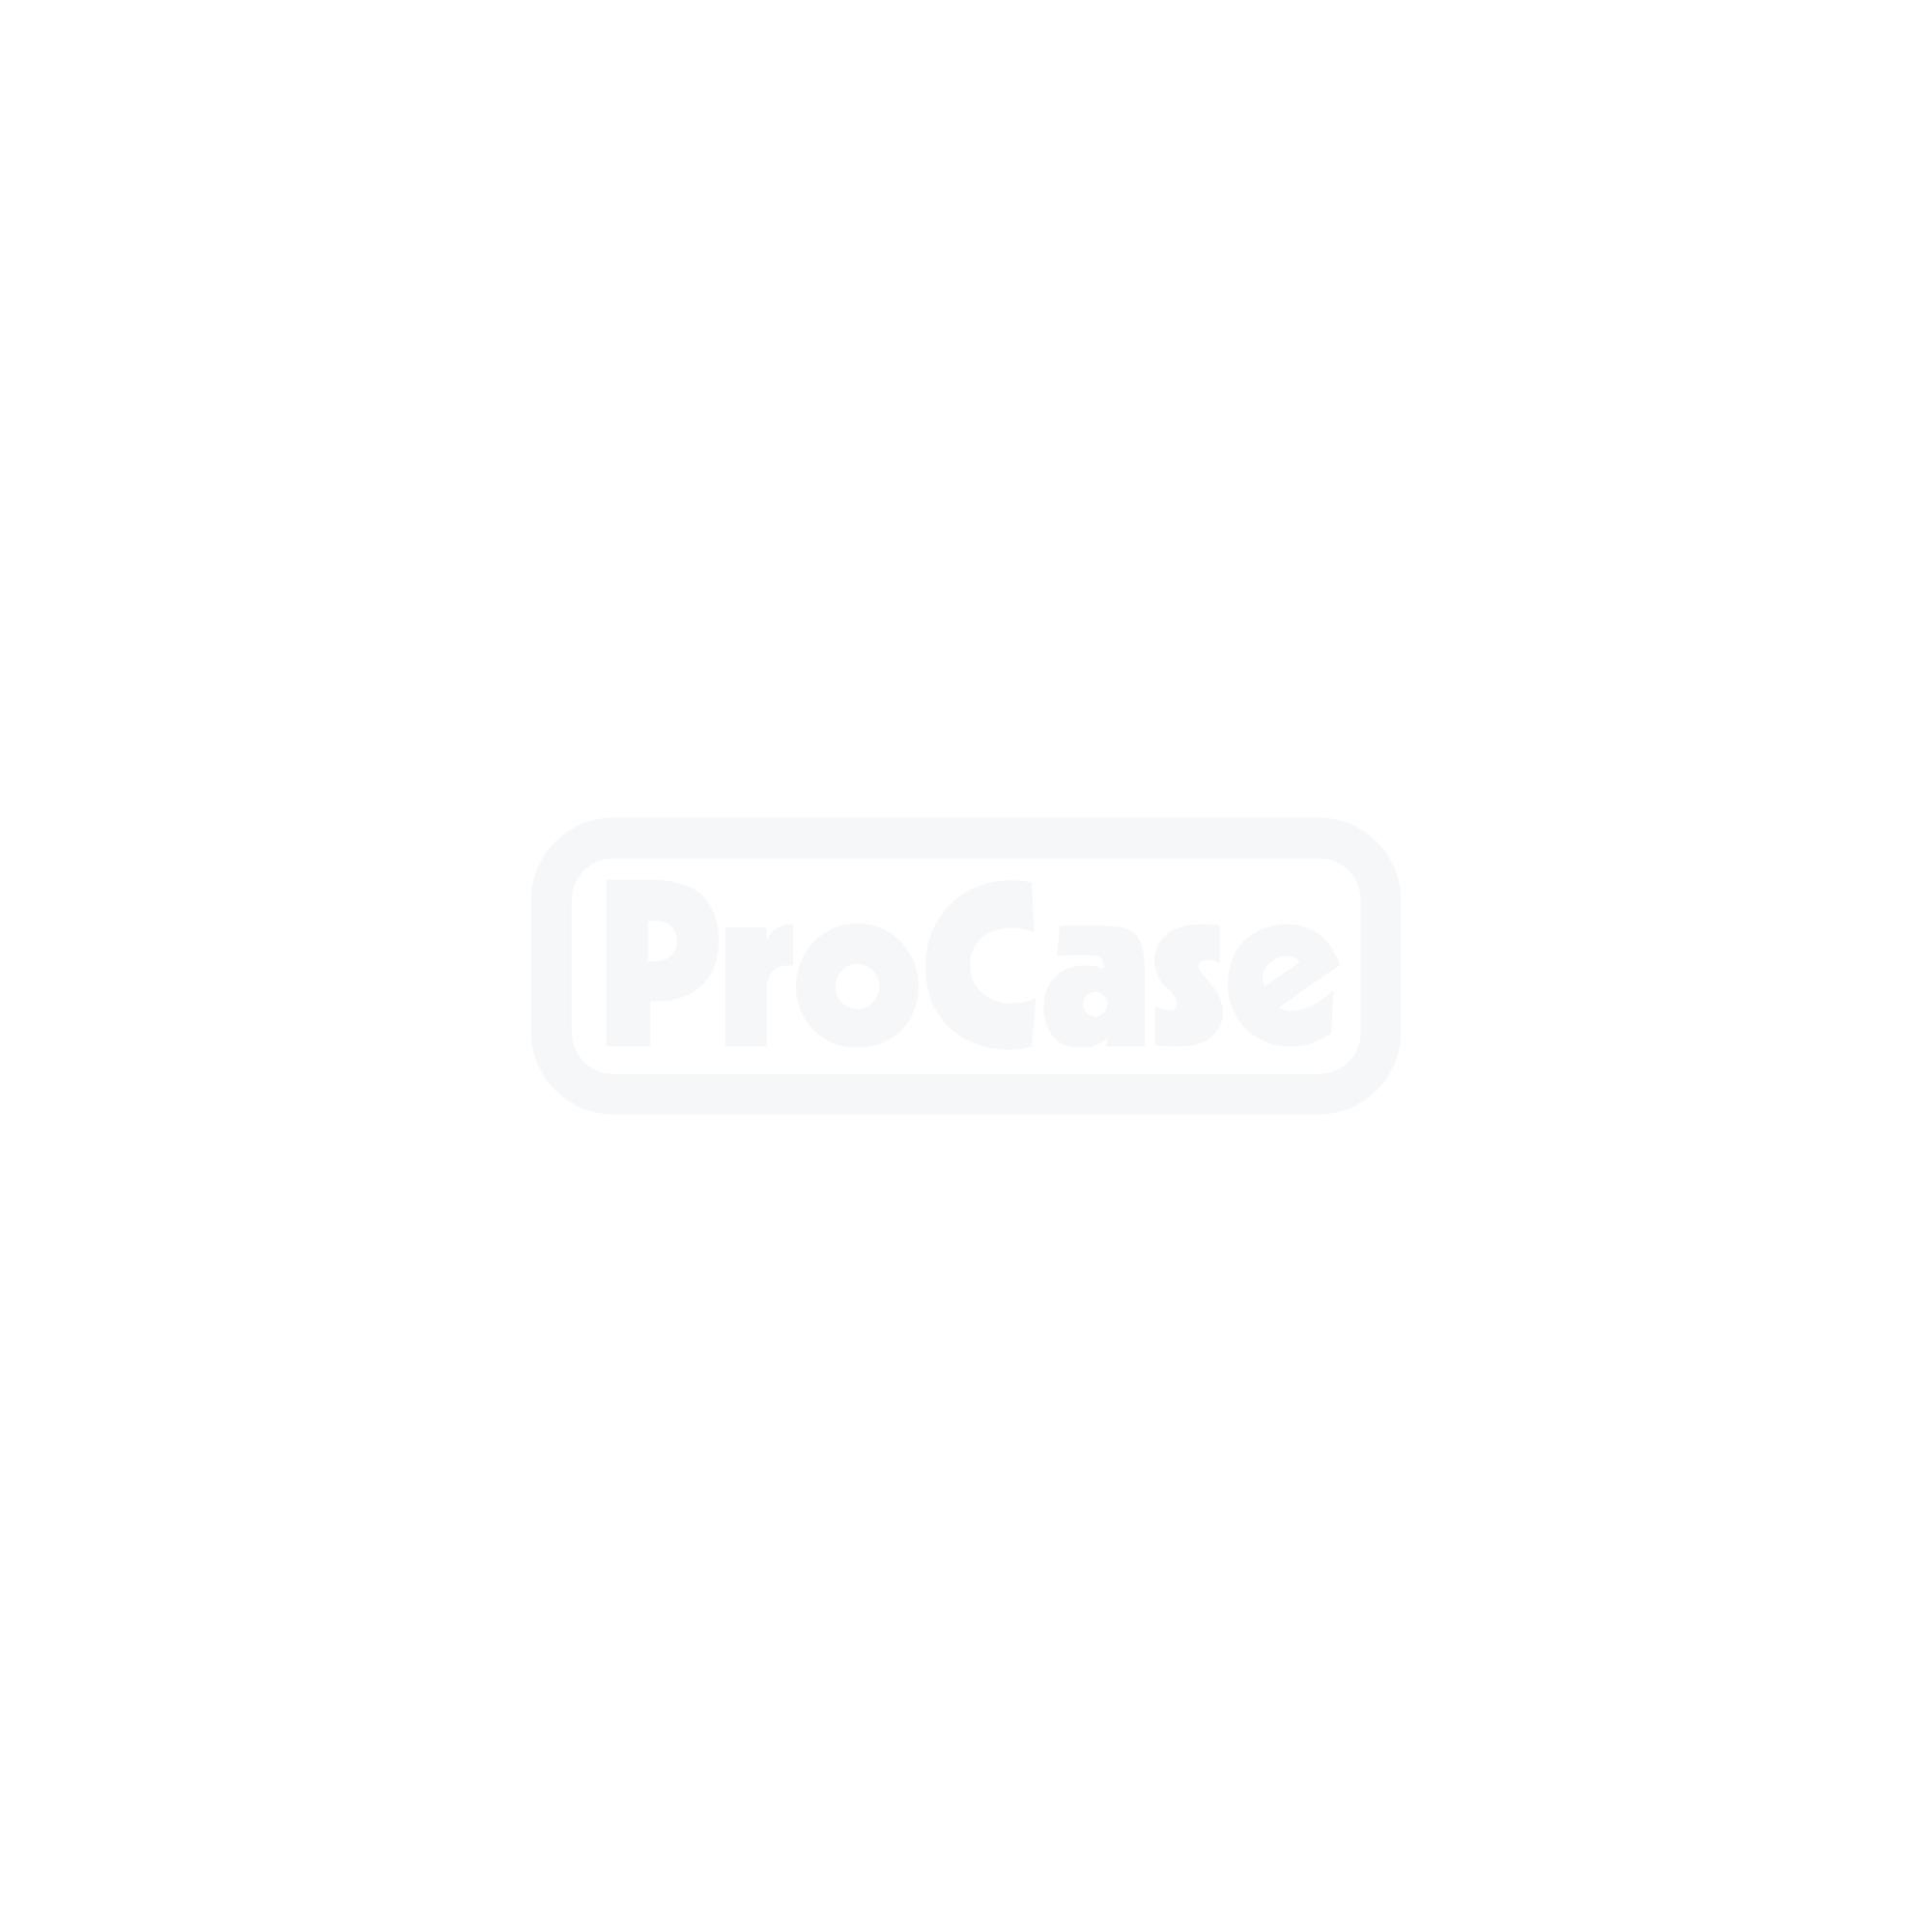 Mixercase für Allen&Heath dLive S7000 mit 2HE Unterbau 5